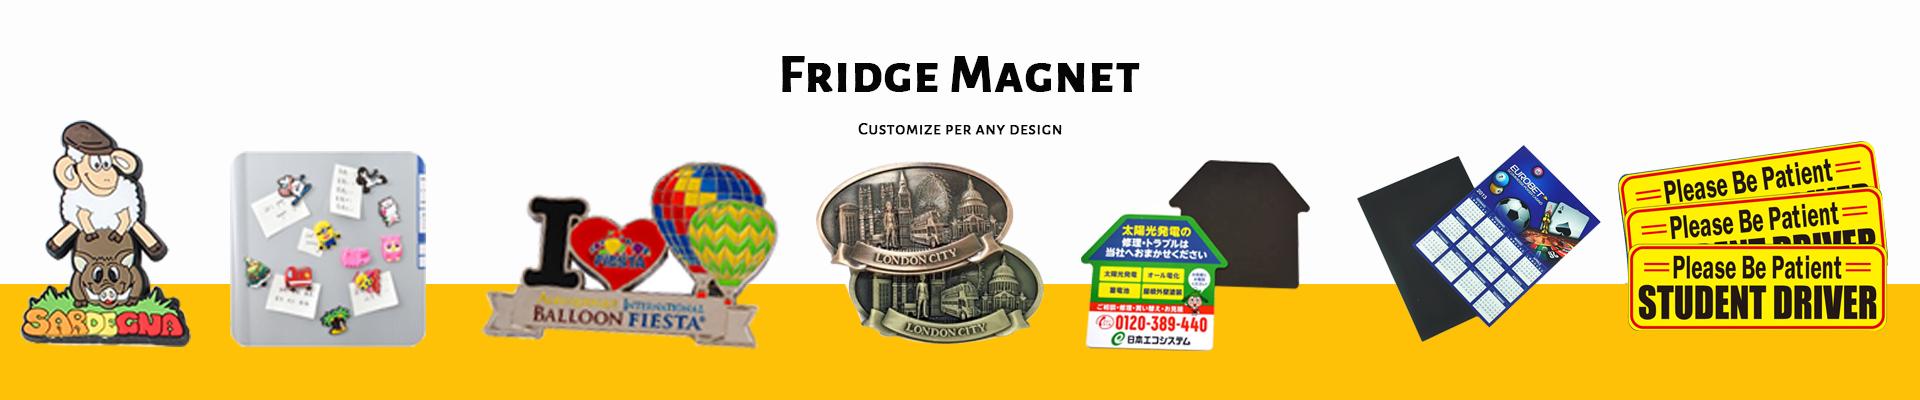 Fridge Magnet Banner